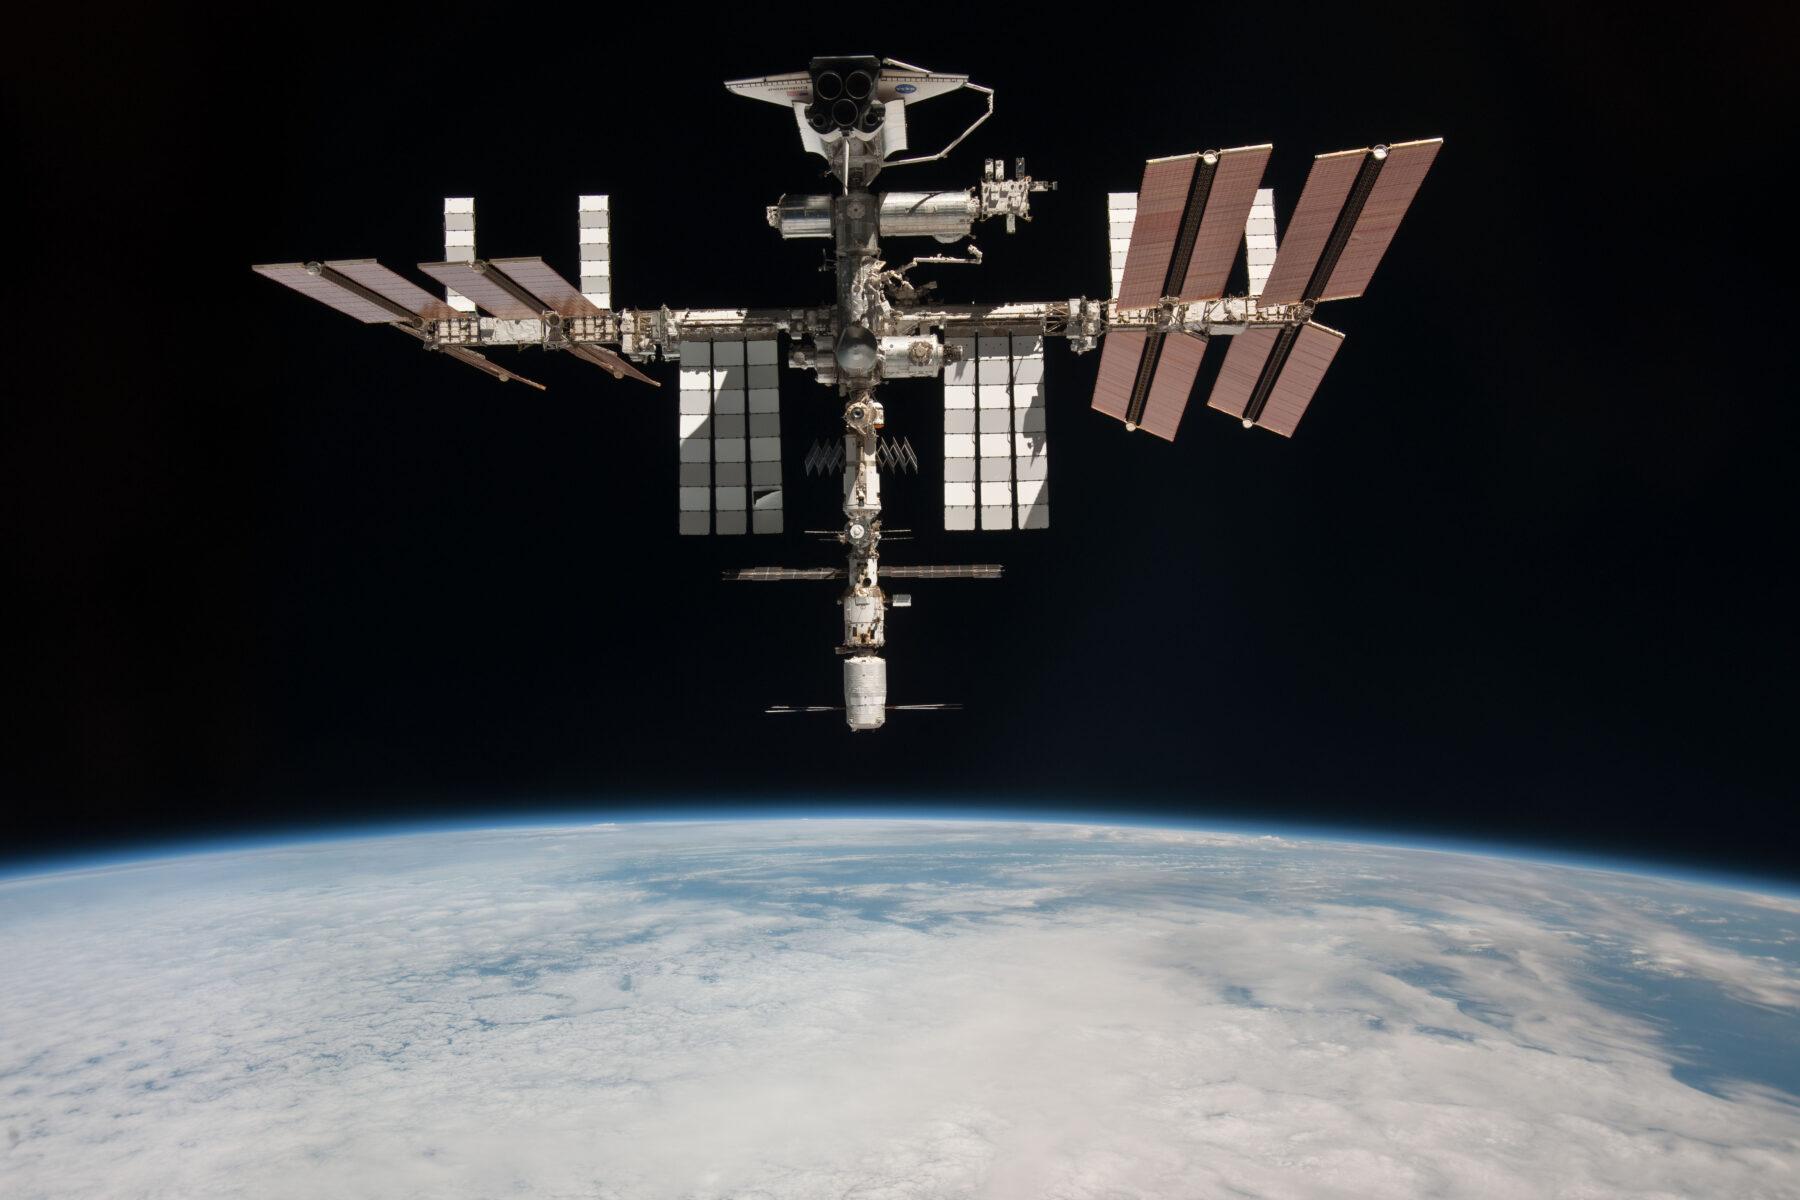 hoto de la station spatiale internationale prise en mai 2011 par l'astronaute italien Paolo Nespoli depuis une capsule russe Soyouz en route vers la Terre. En haut de l'image on aperçoit Endeavour pendant l'avant-dernière mission d'une navette spatiale : STS-134. Crédit : NASA